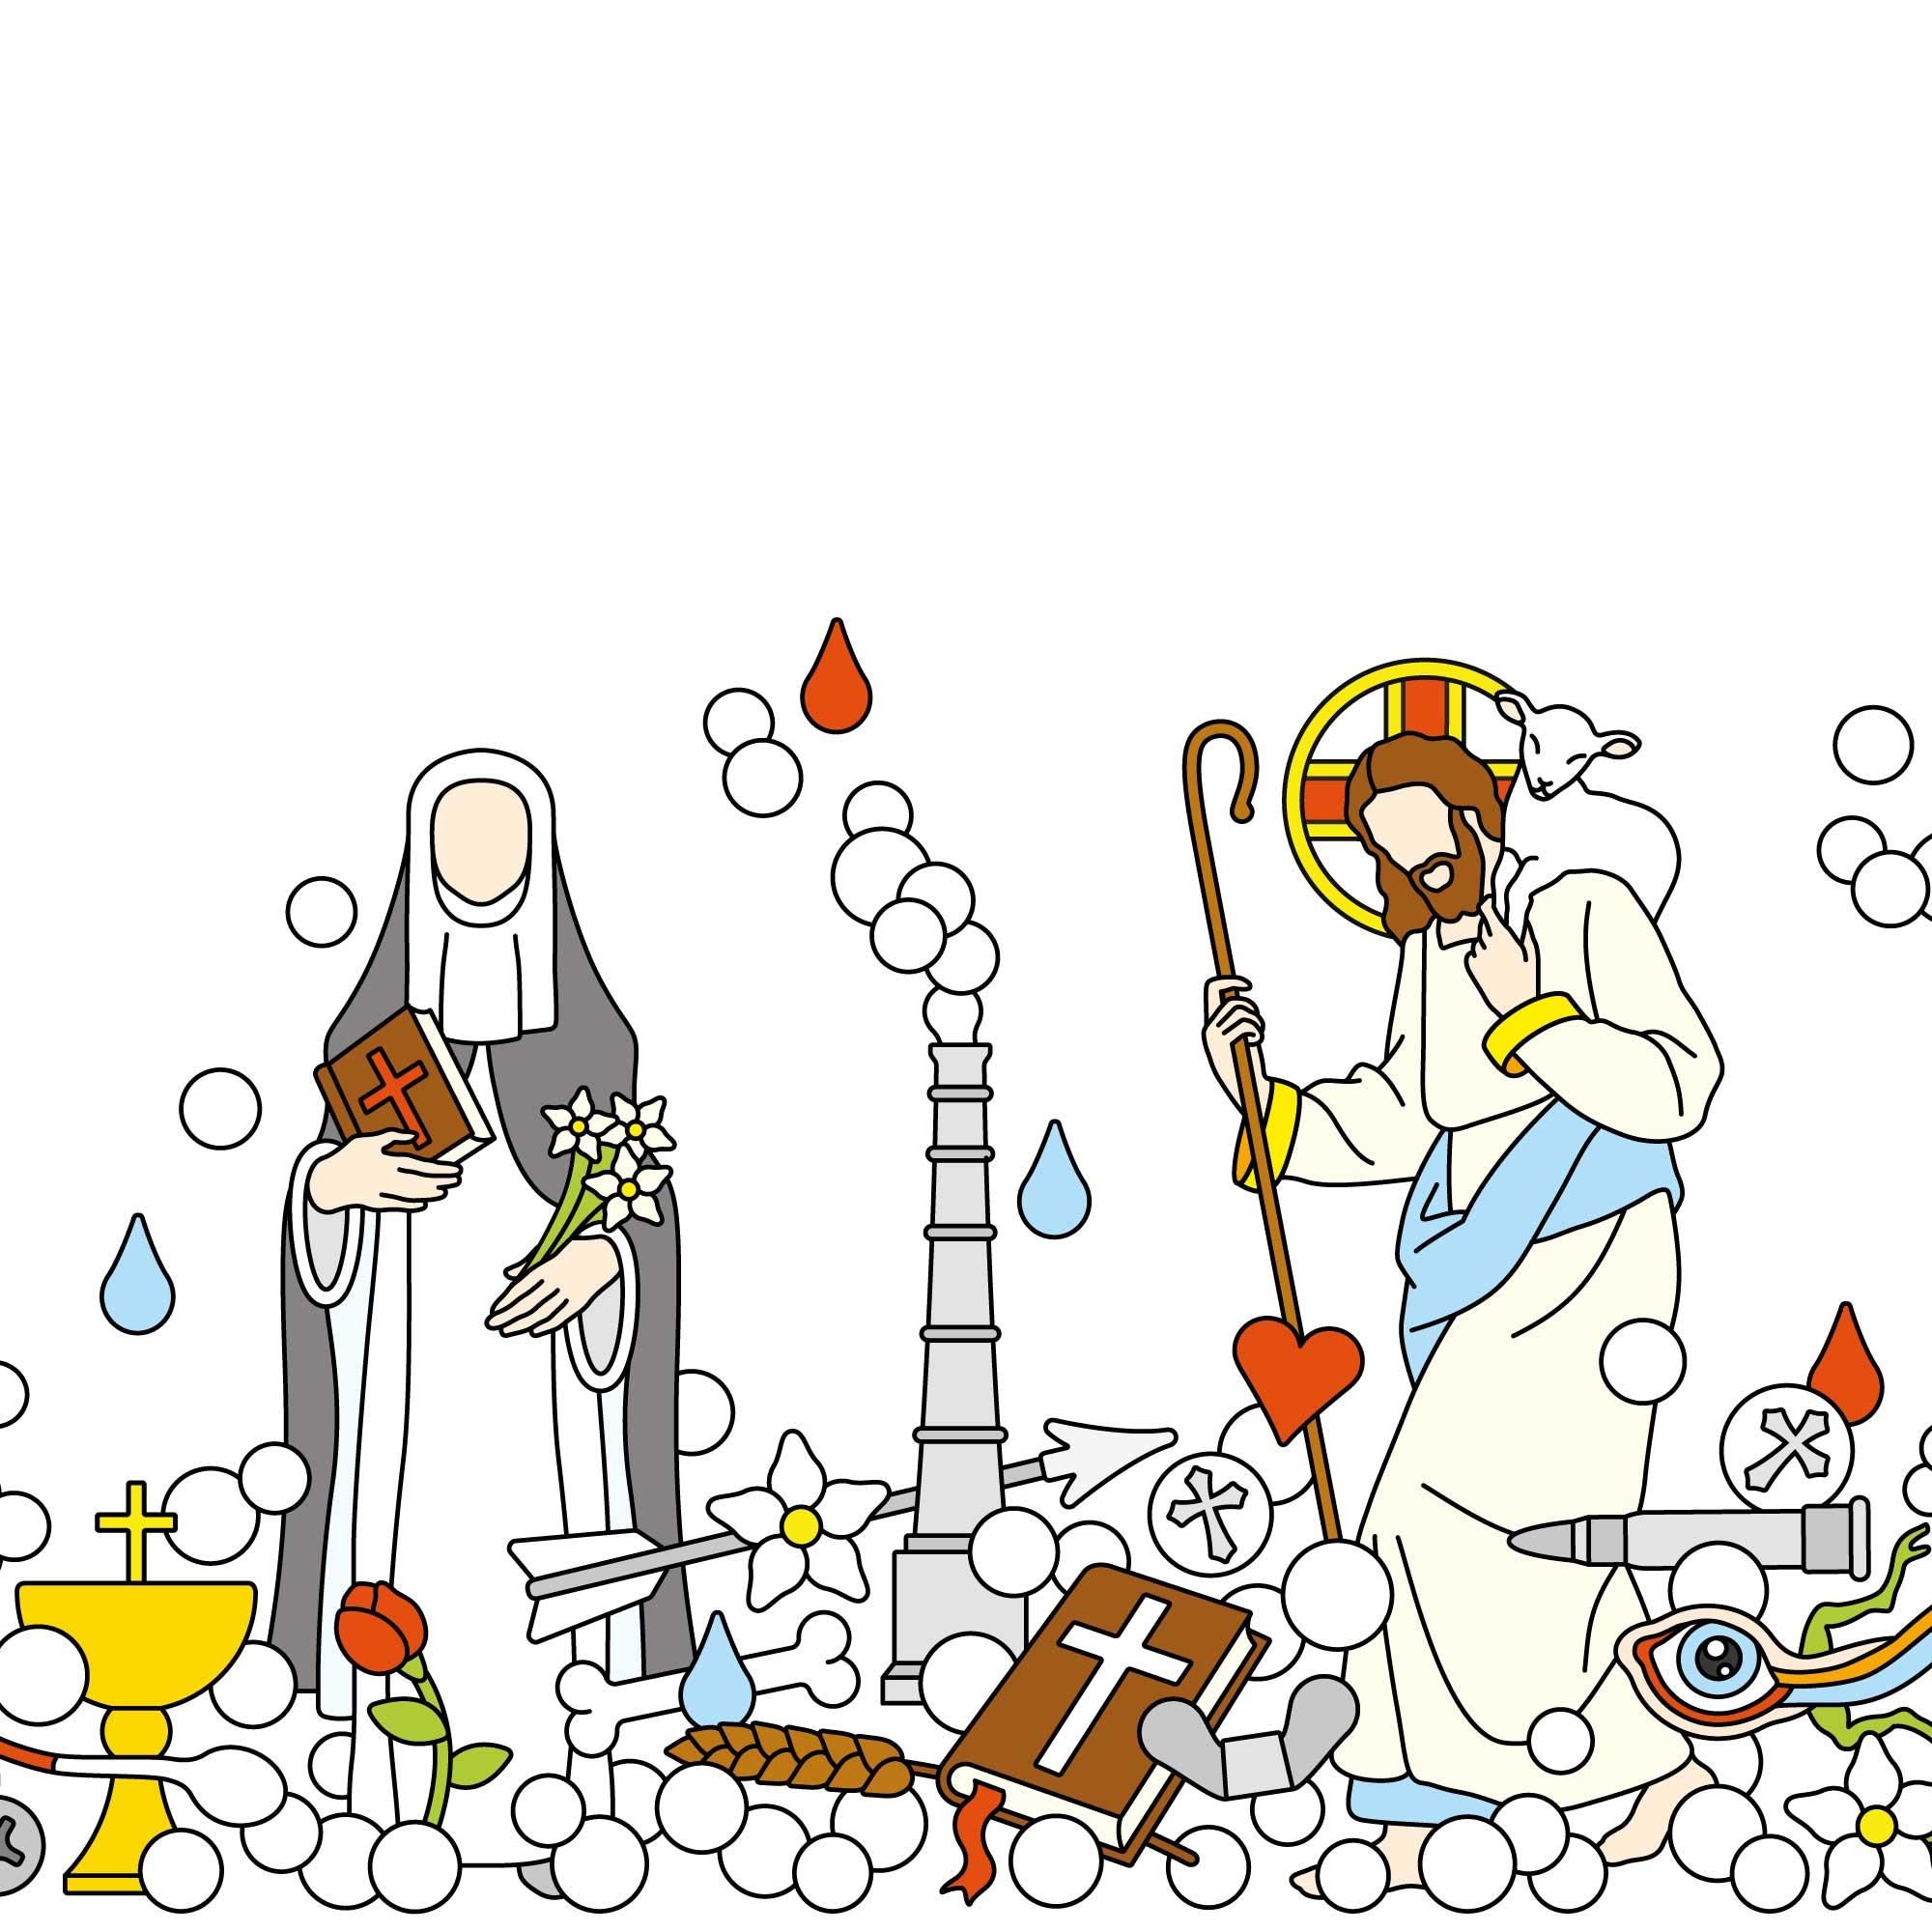 Studio-Job-The-Last-Supper-delftware-drawing-dome-All-Saints-2